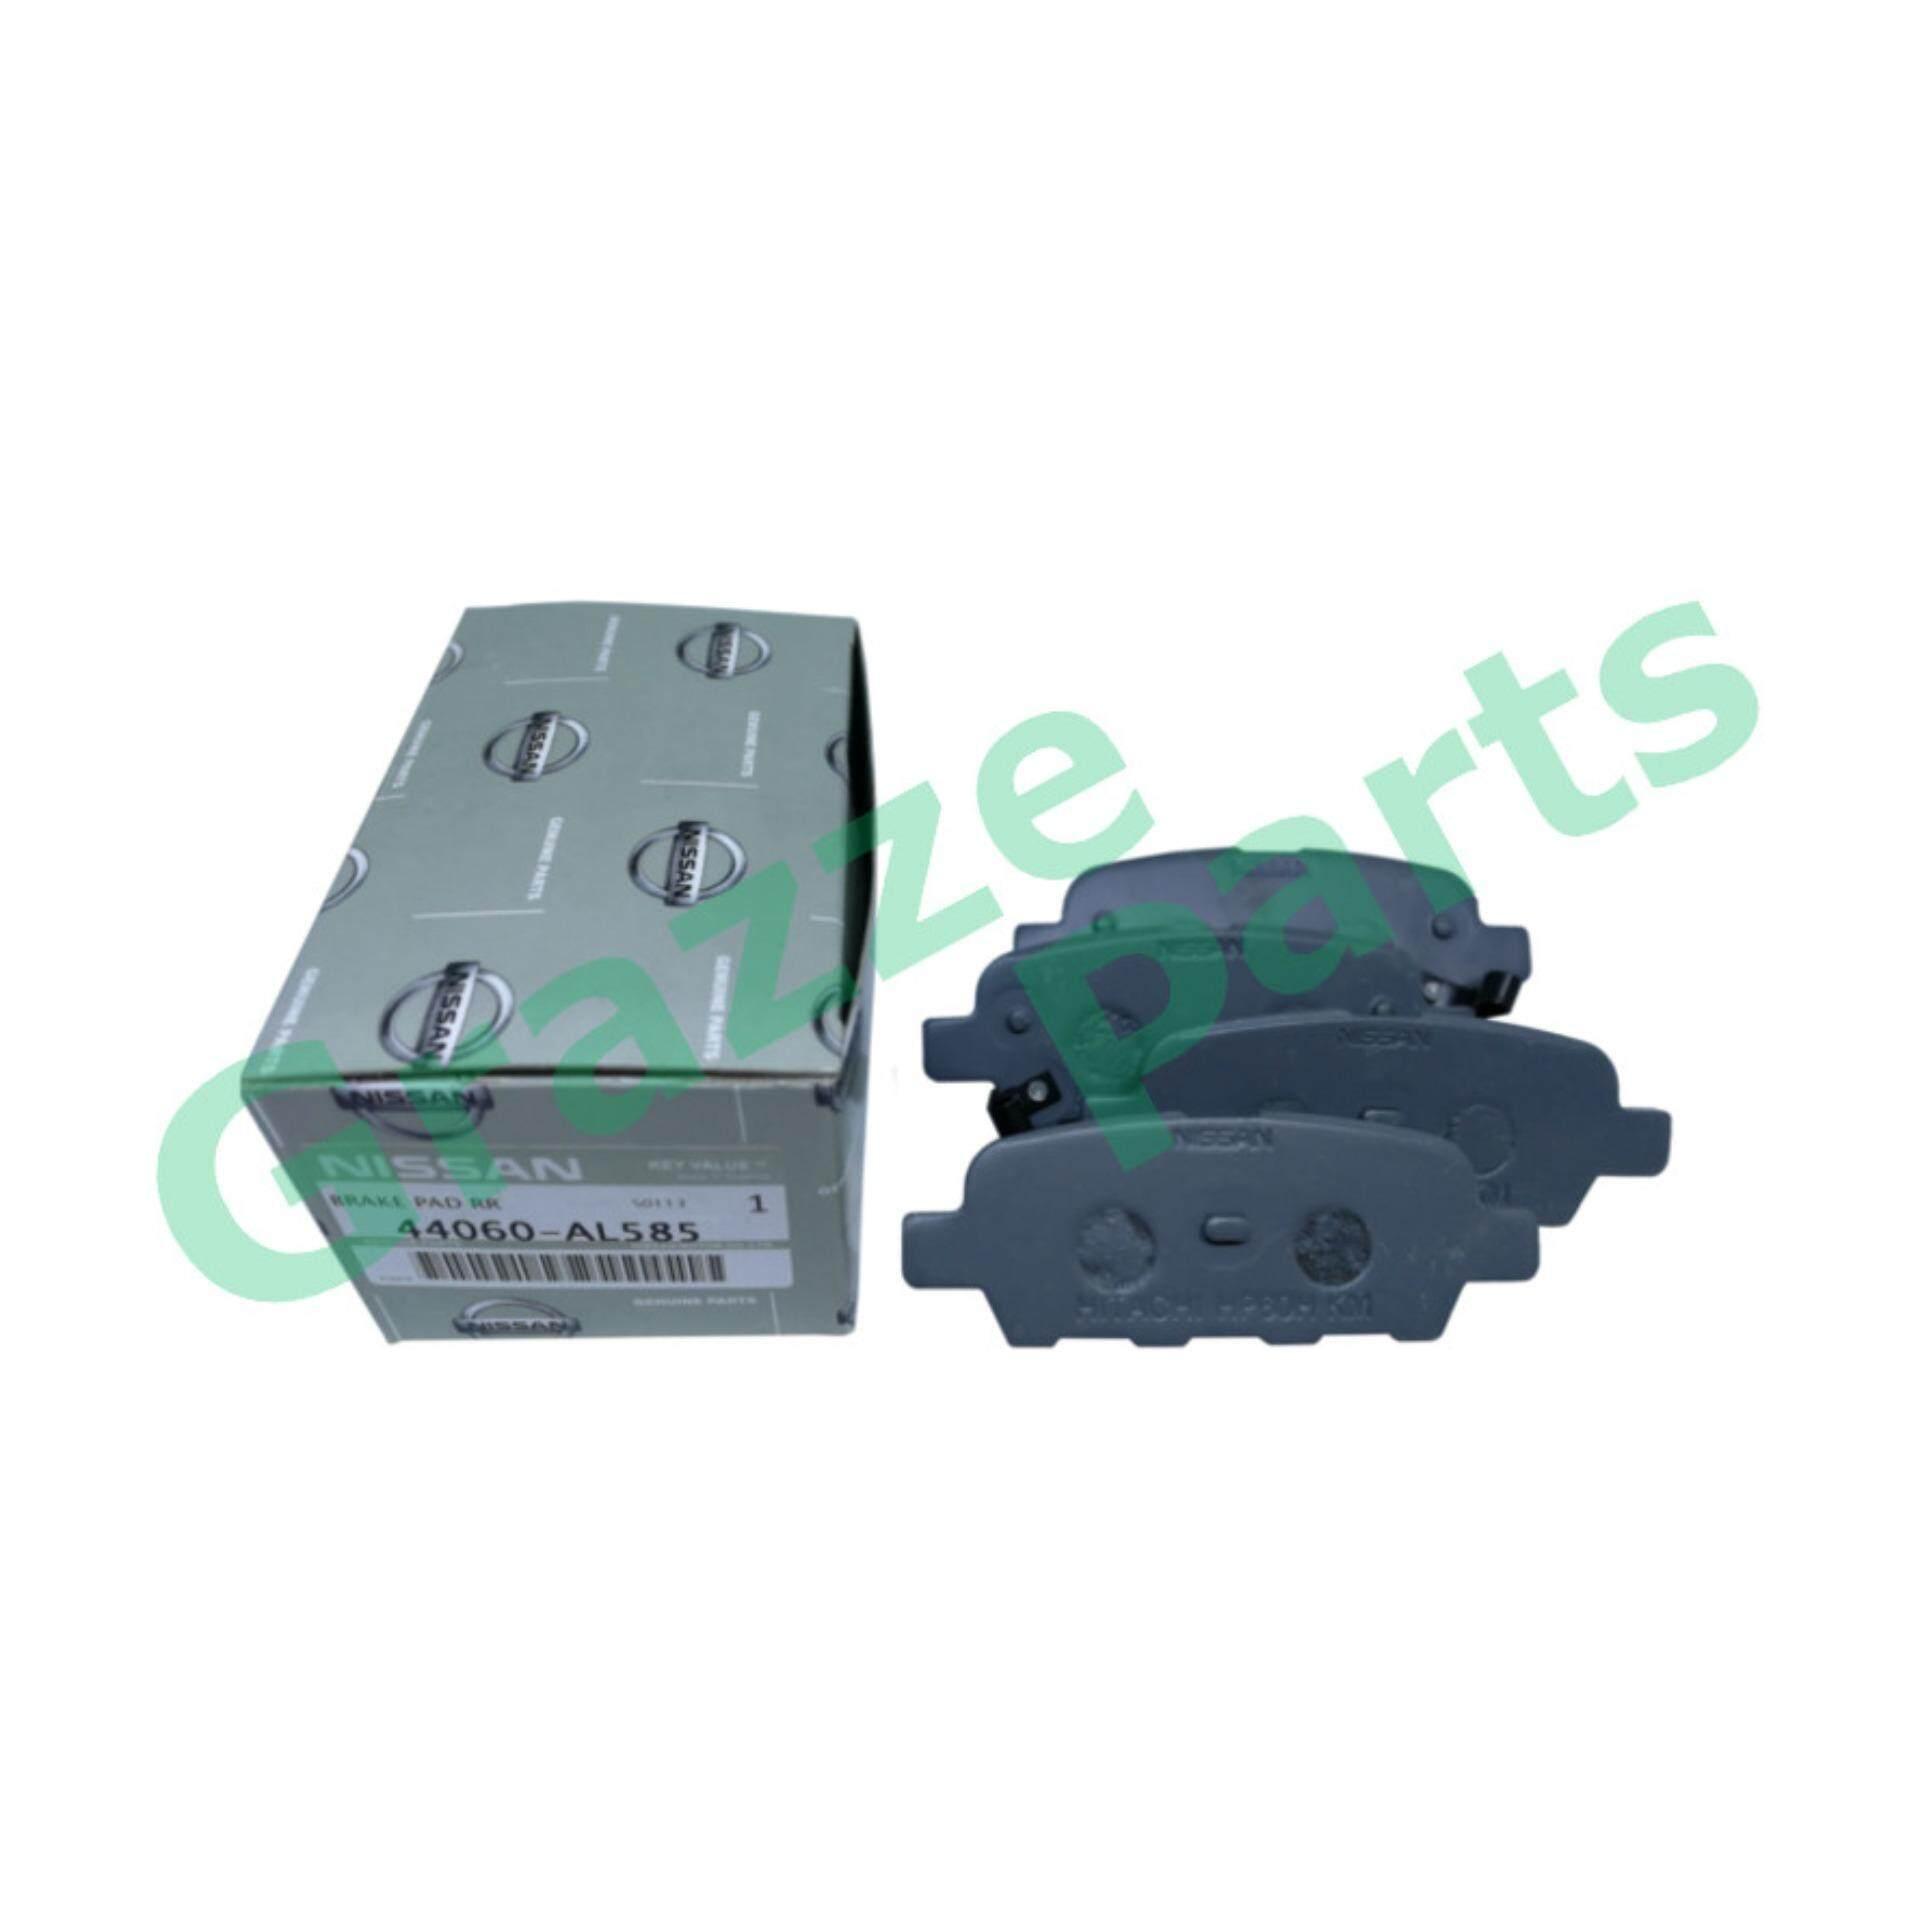 Nissan rear brake pad for X-Trail T30 Teana Serena C25 - 44060-AL585